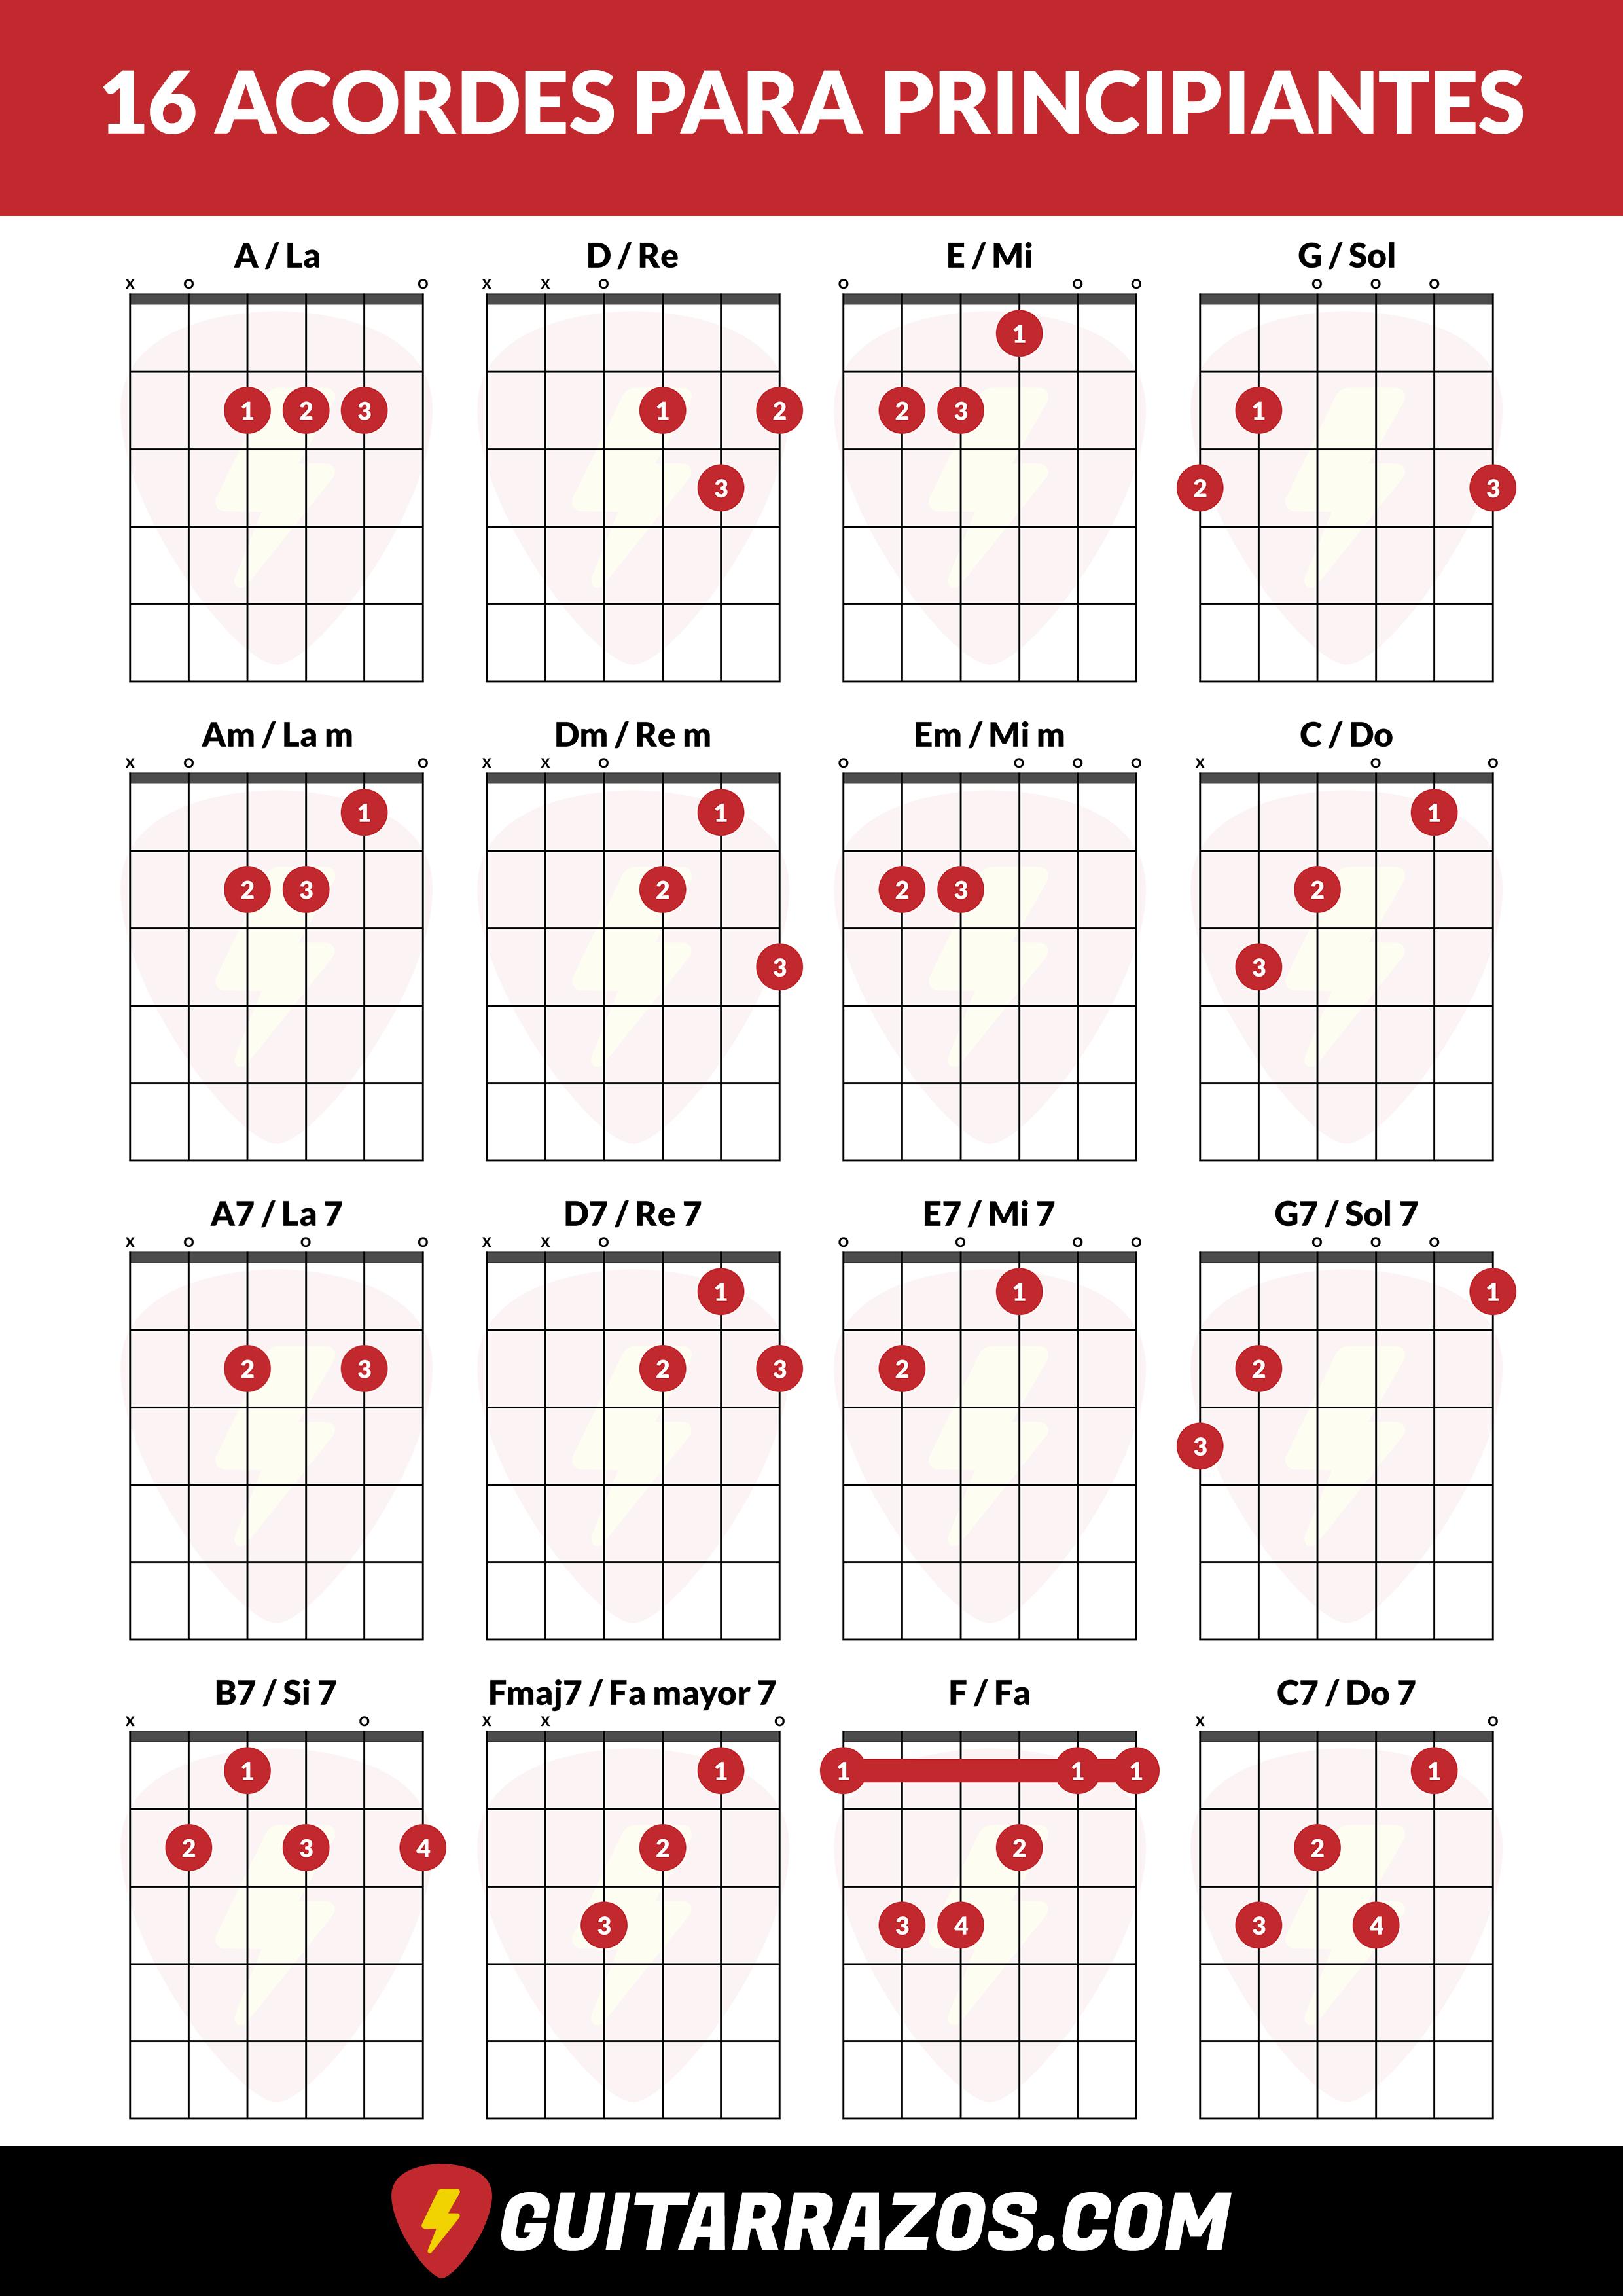 Los acordes de guitarra para principiantes ahora en formato PDF para descargar en nuestra web.  #guitarra #acordes #acordesdeguitarra #guitarraelectrica #guitarraacustica